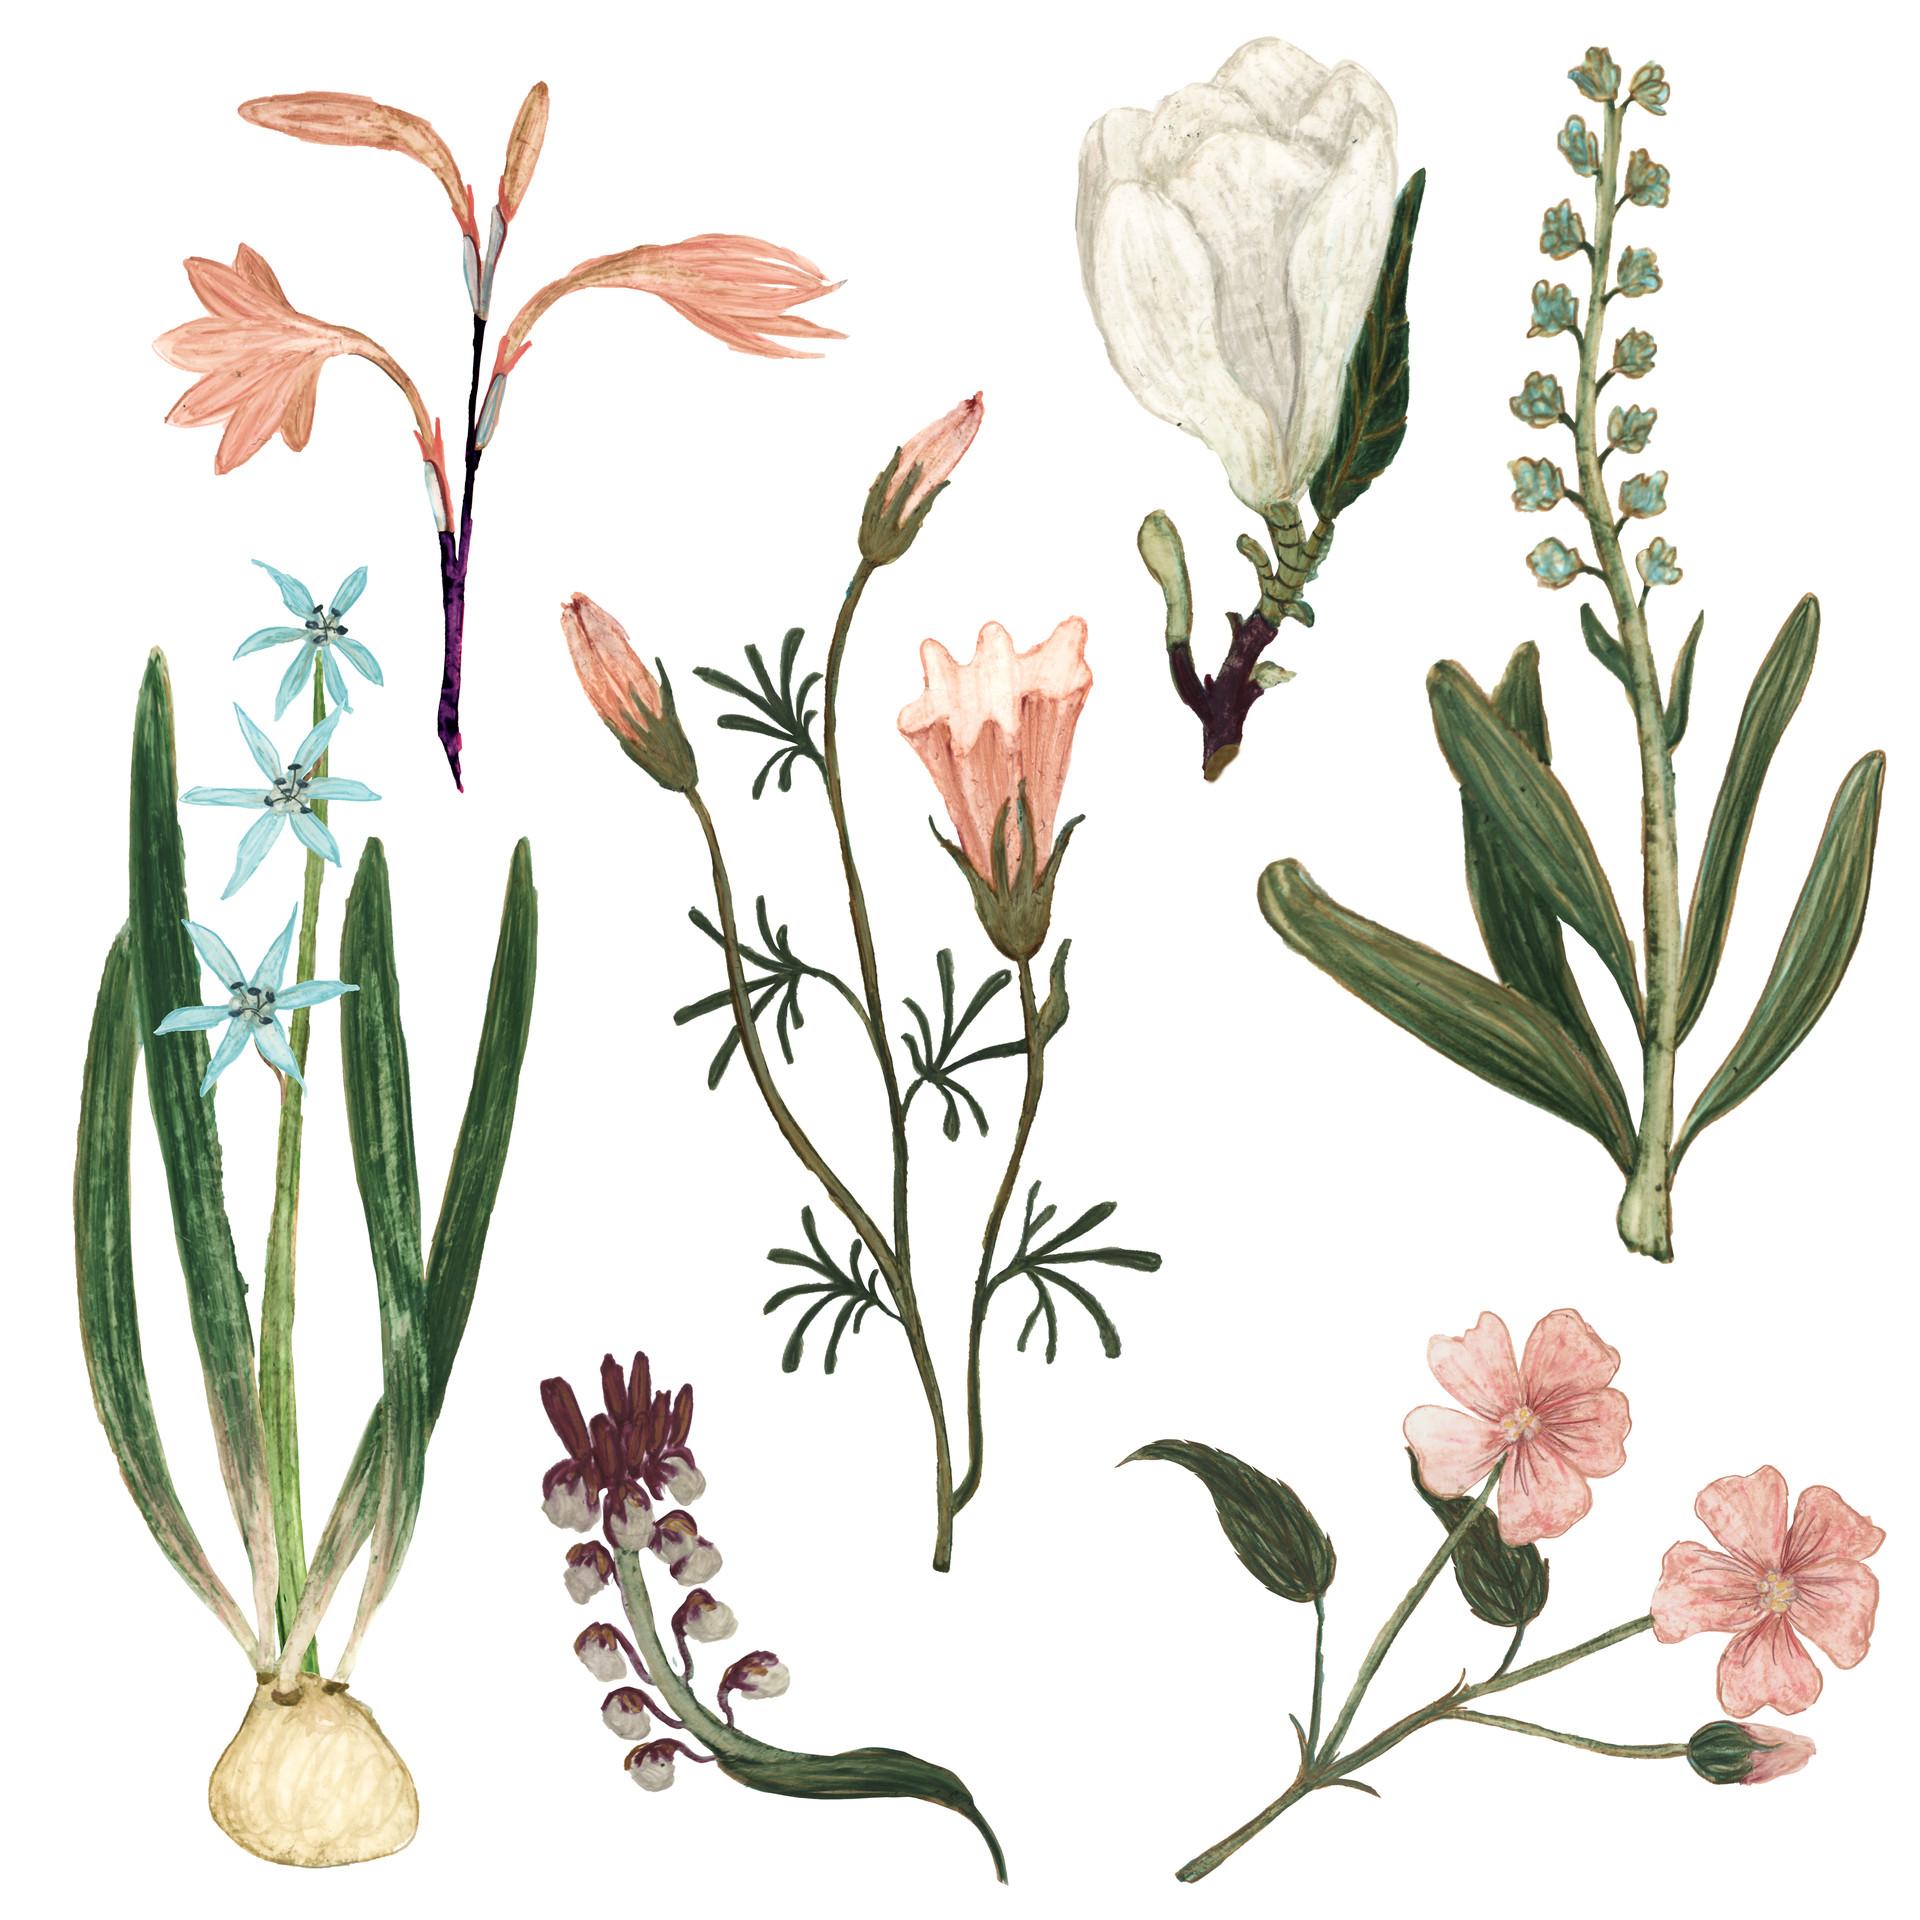 flower specimens no. 2